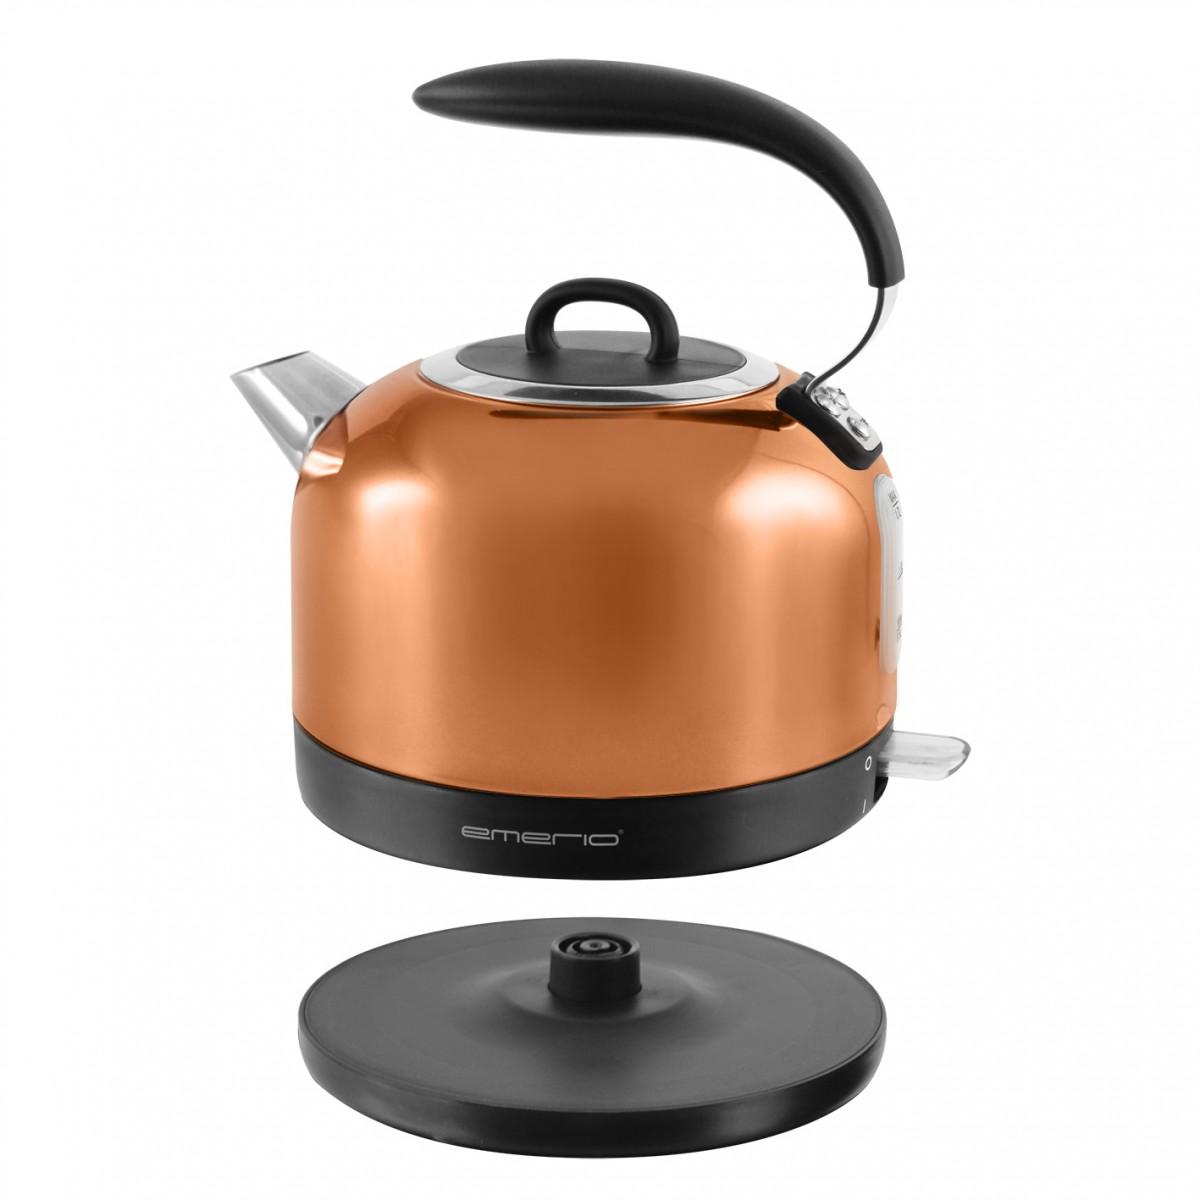 Wasserkocher kupfer-farben 2200 Watt Emerio WK-111081.1 – Bild 2